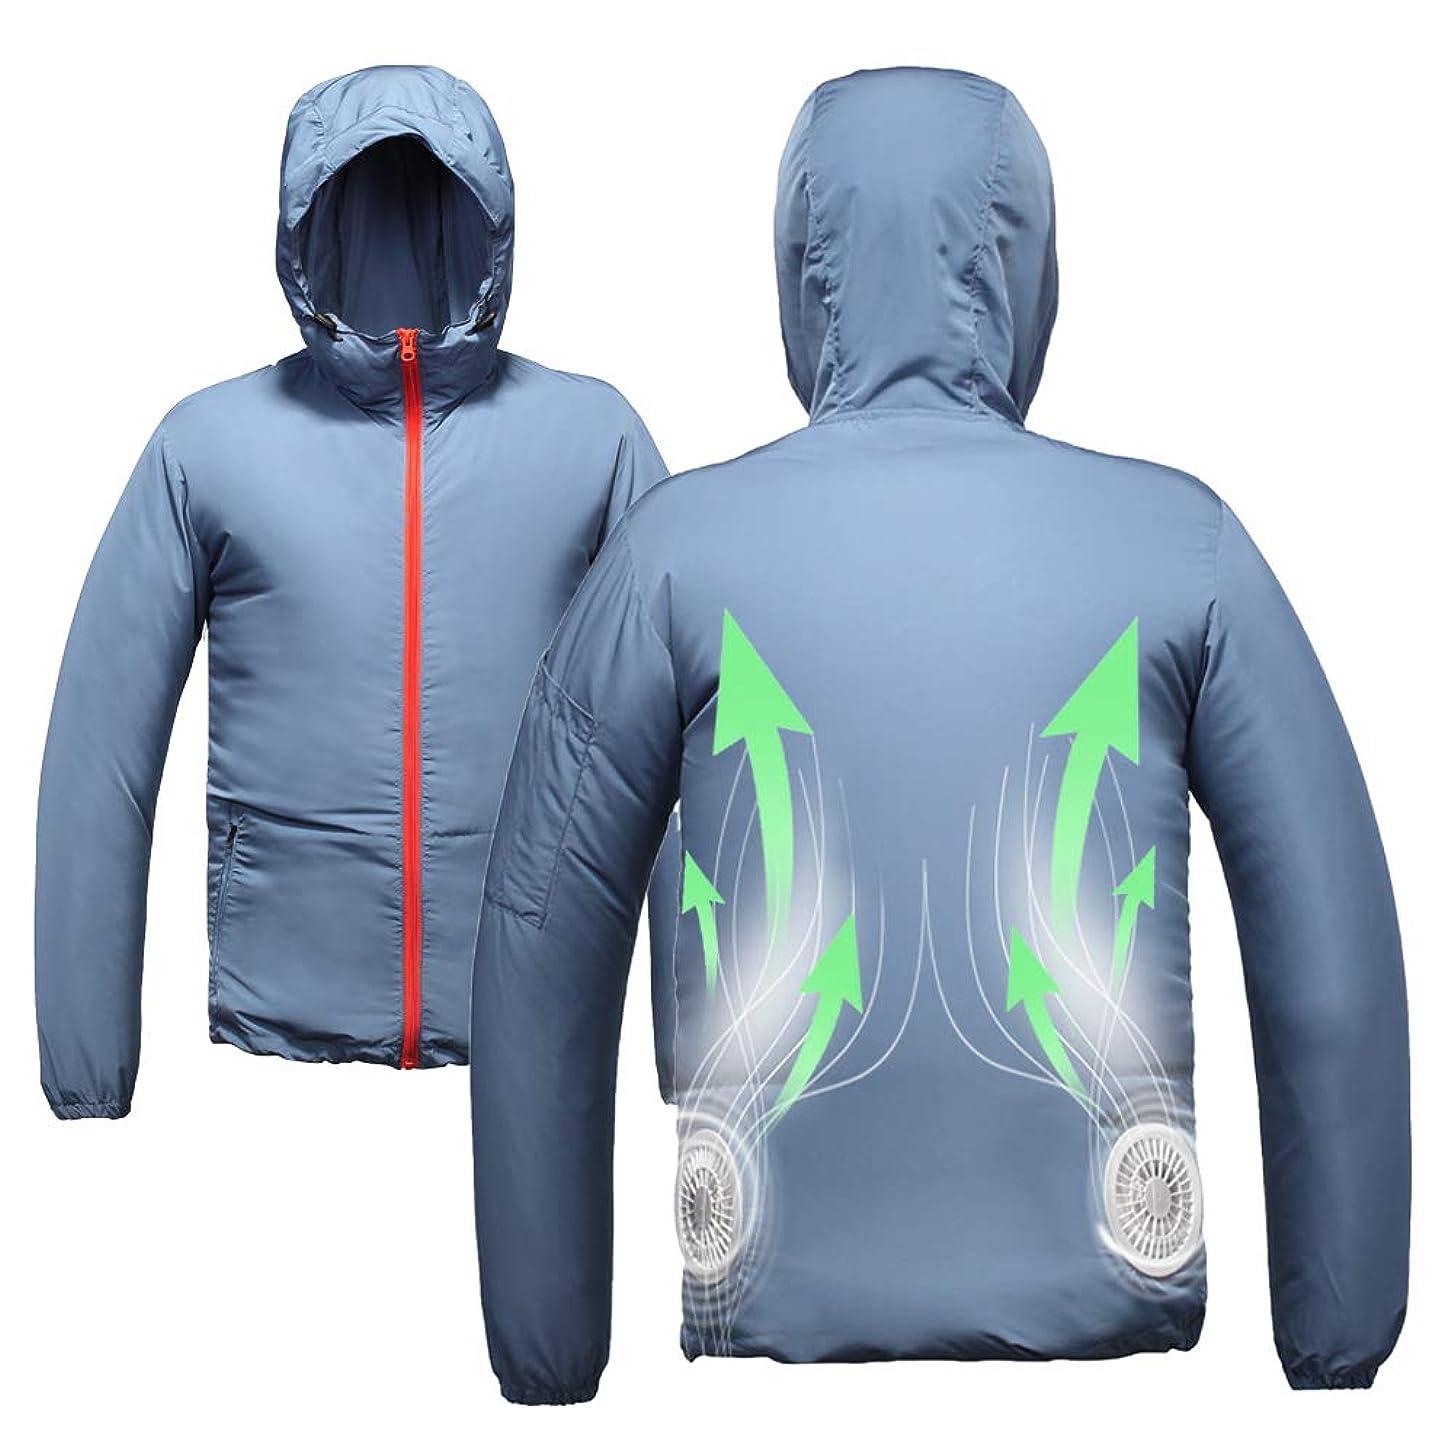 day wolf 空調服 薄手 UVカット アウトドア 登山 釣り ゴルフ 作業ジャケット